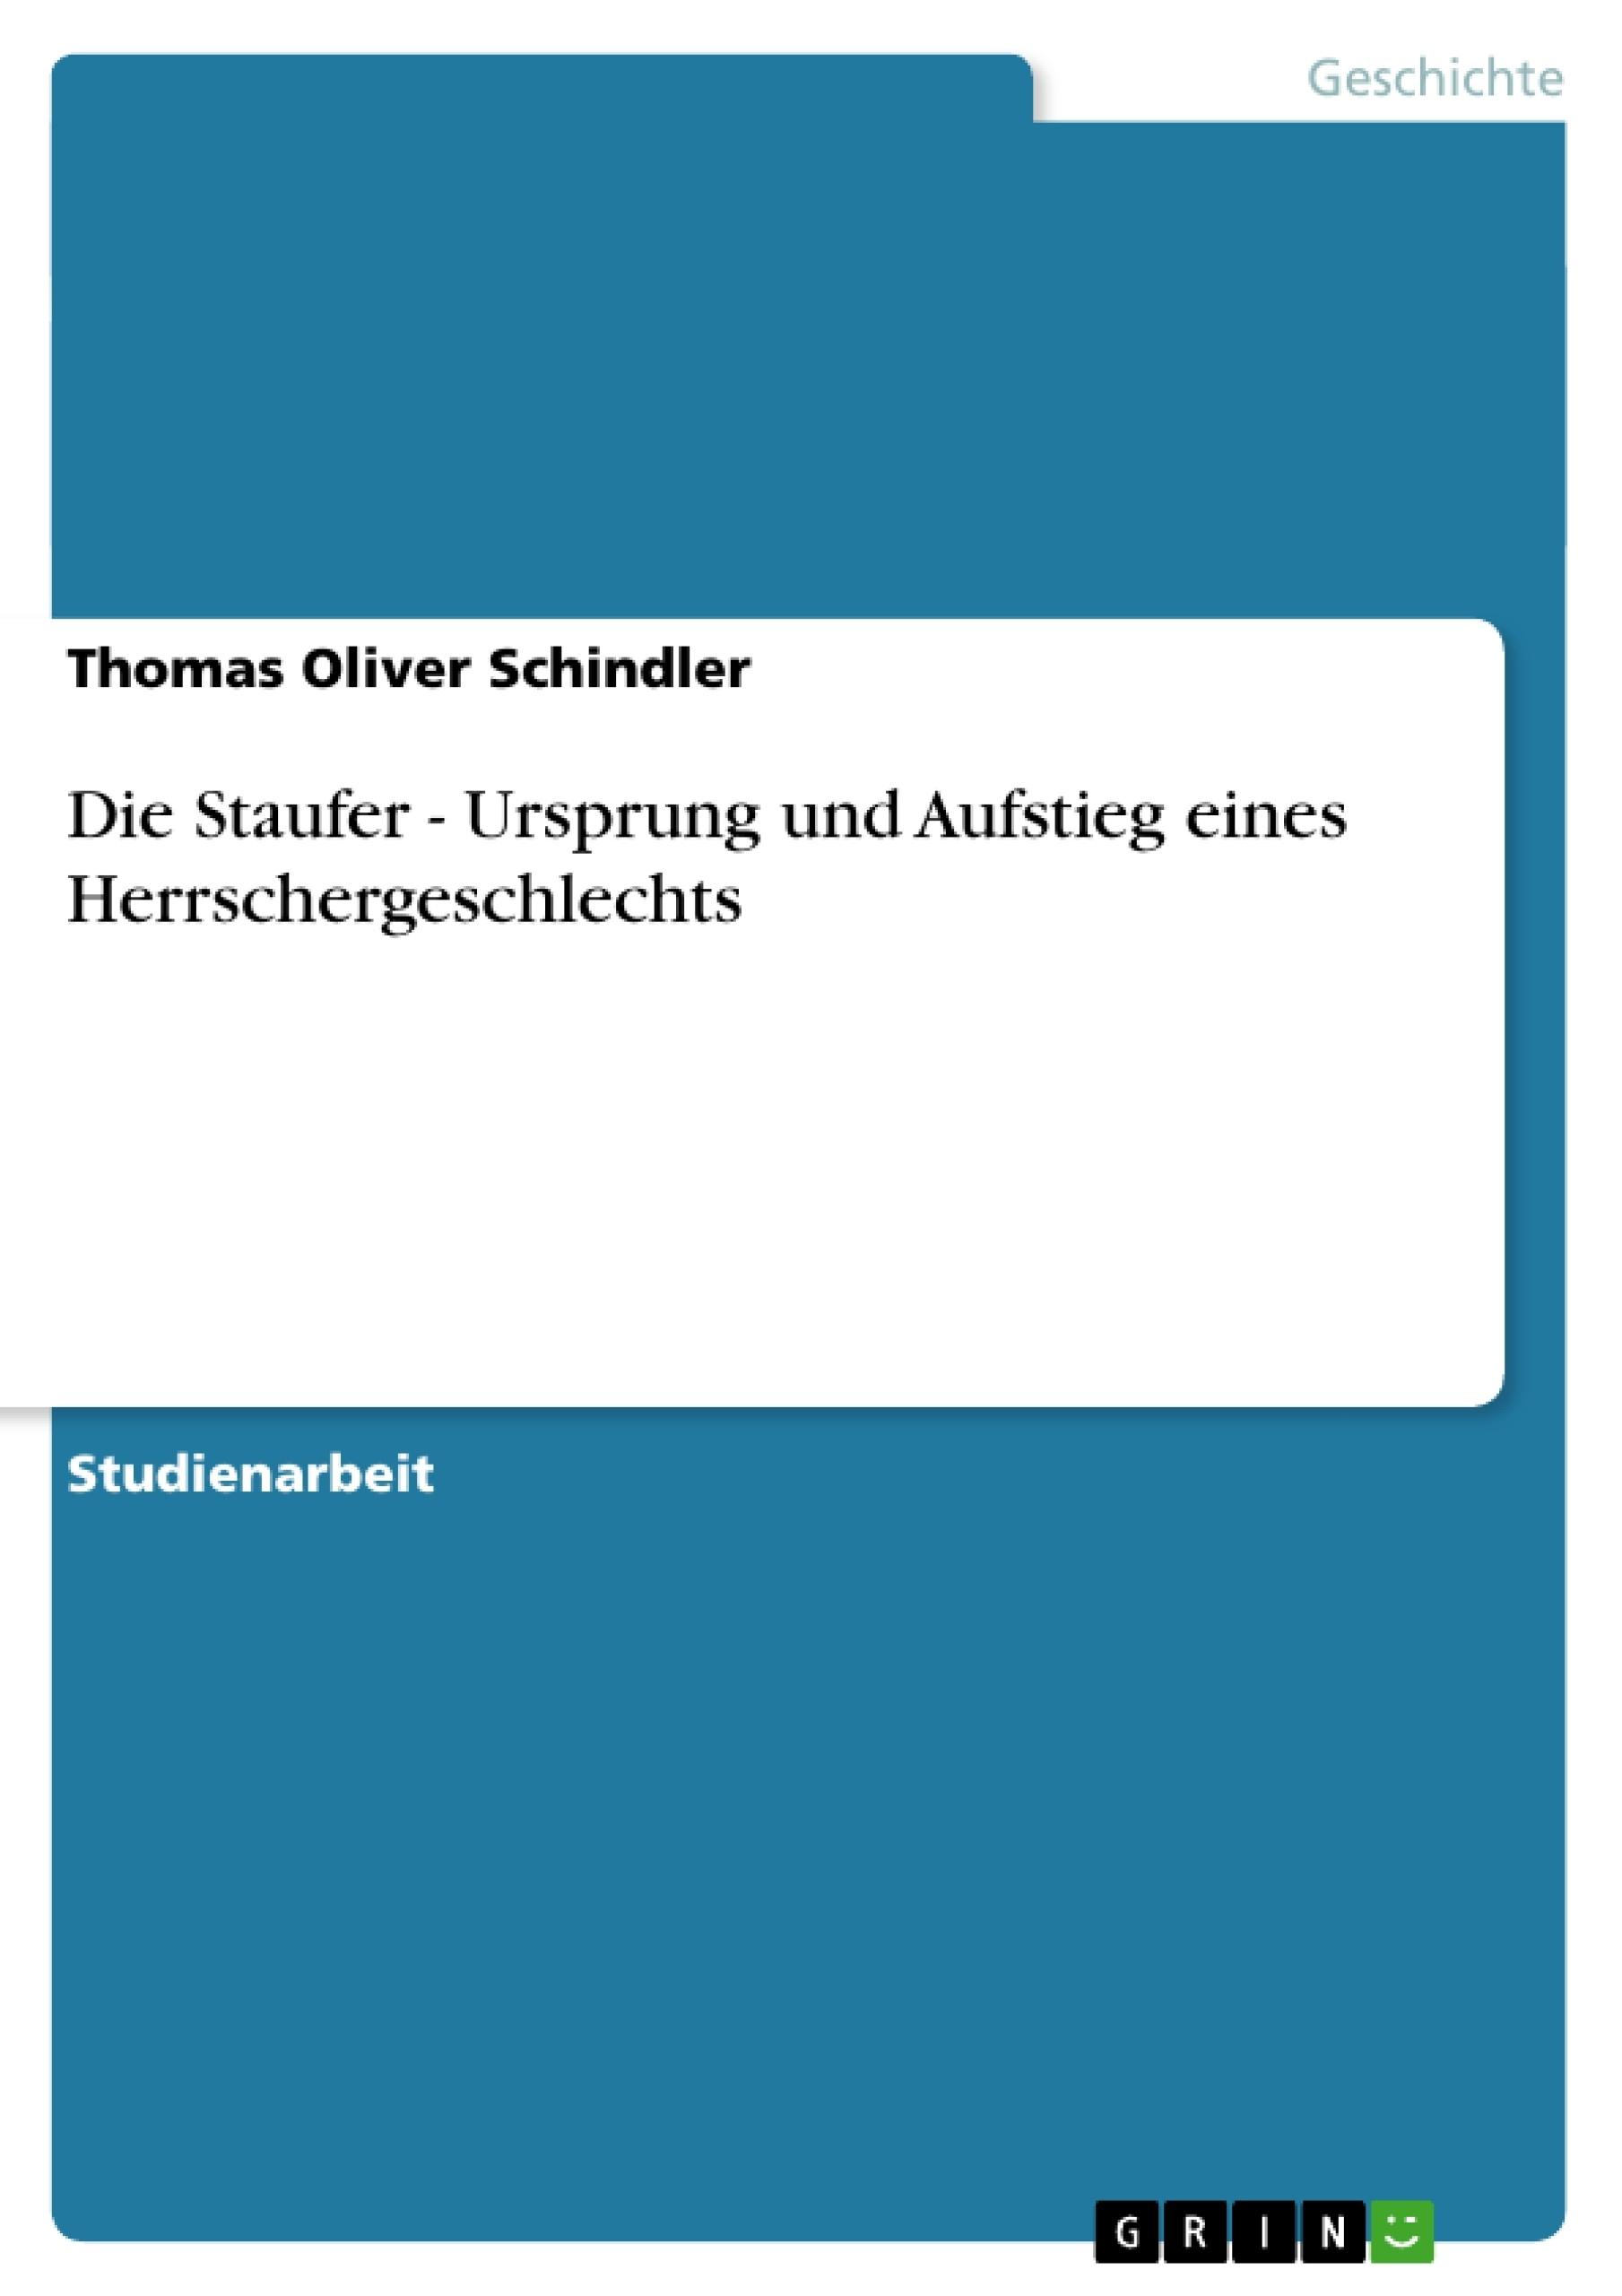 Titel: Die Staufer - Ursprung und Aufstieg eines Herrschergeschlechts